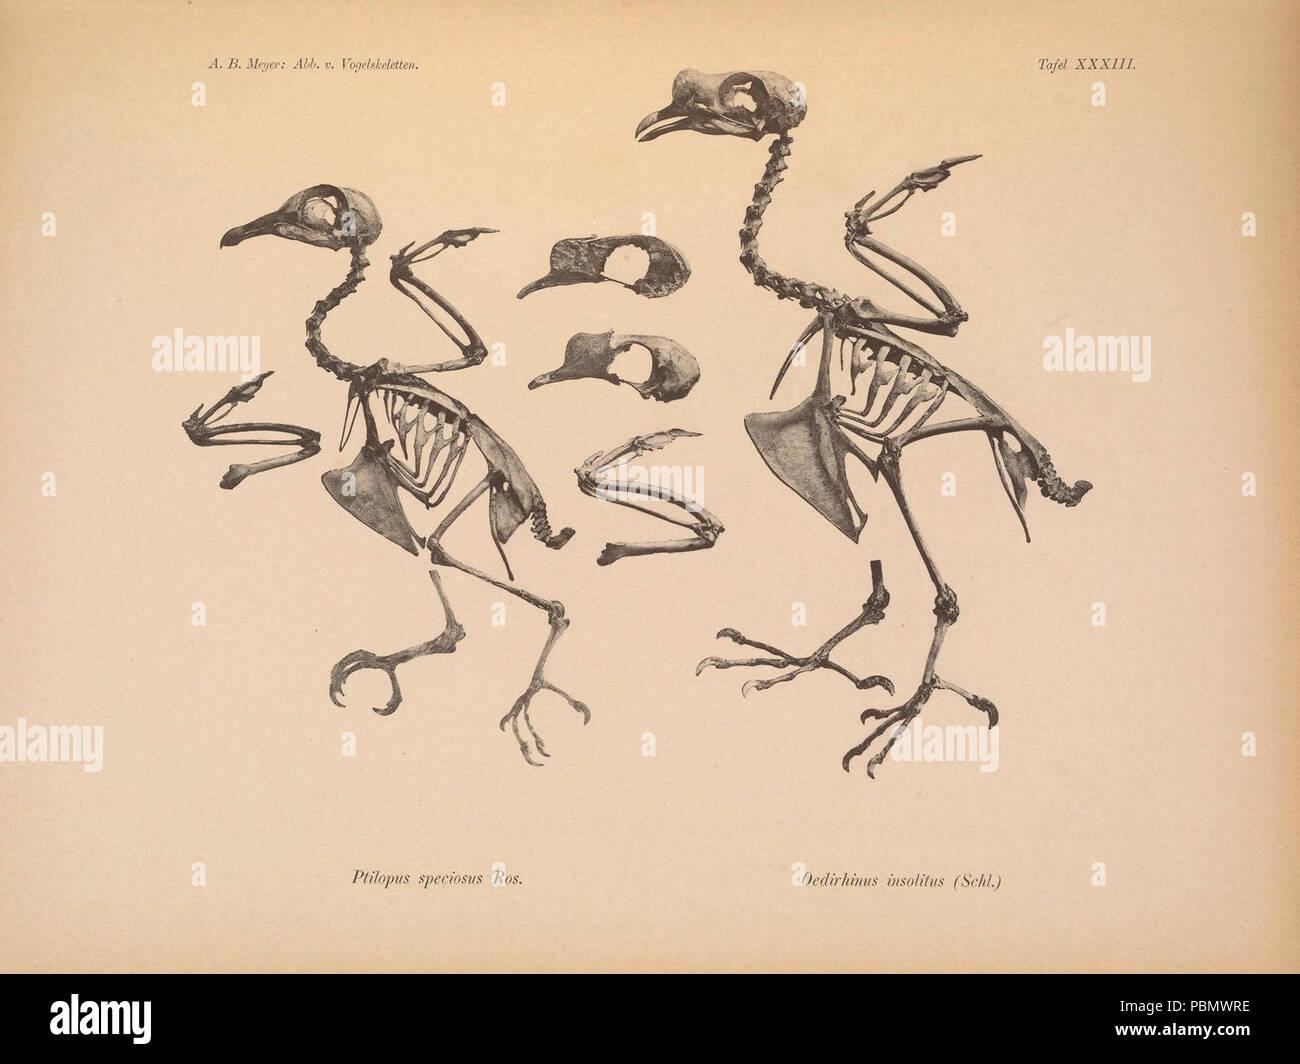 Abbildungen von Vogel-Skeletten (Tafel XXXIII) - Stock Image